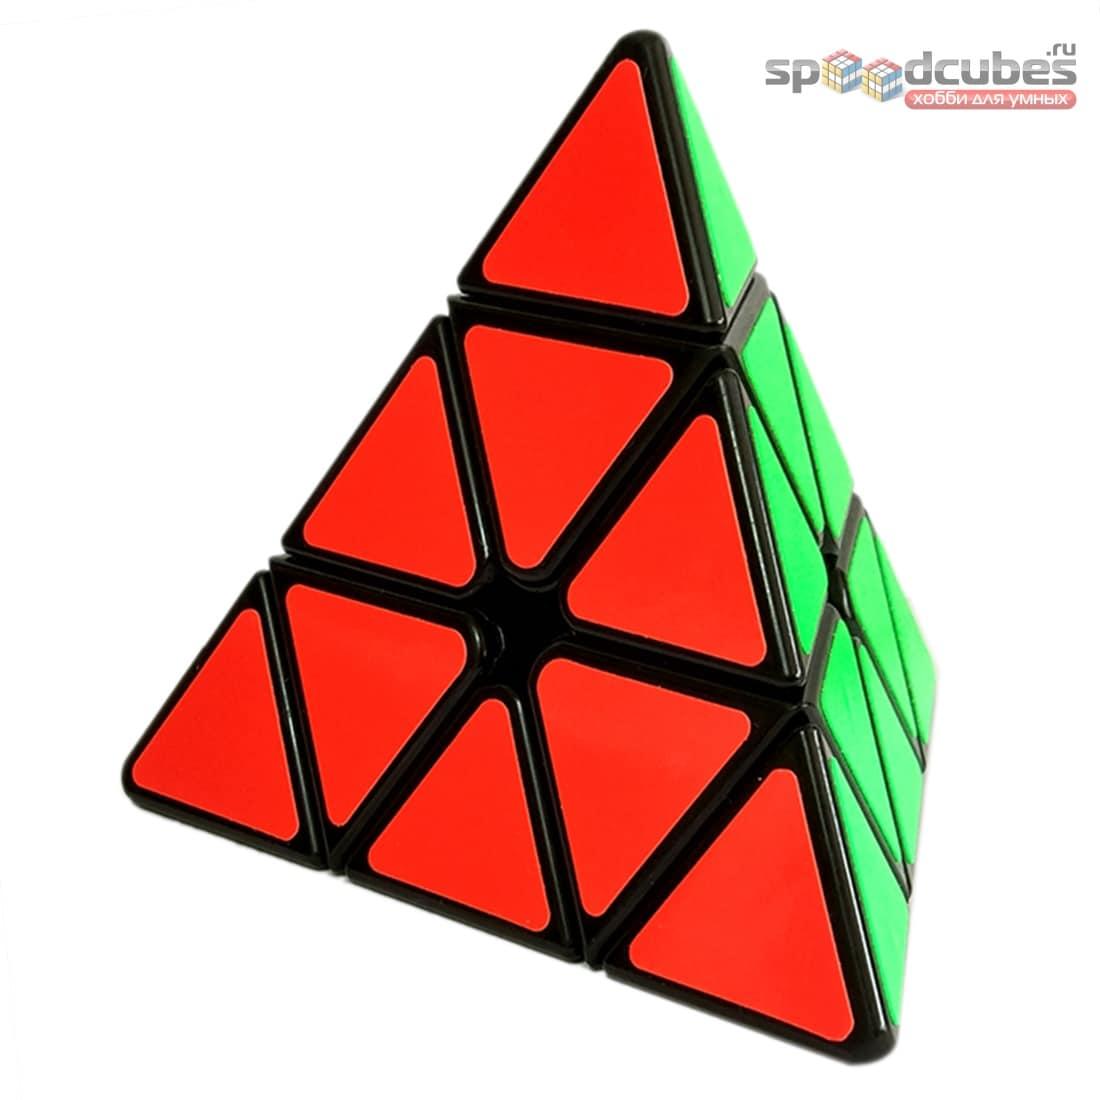 Shengshou Aurora Pyraminx 2